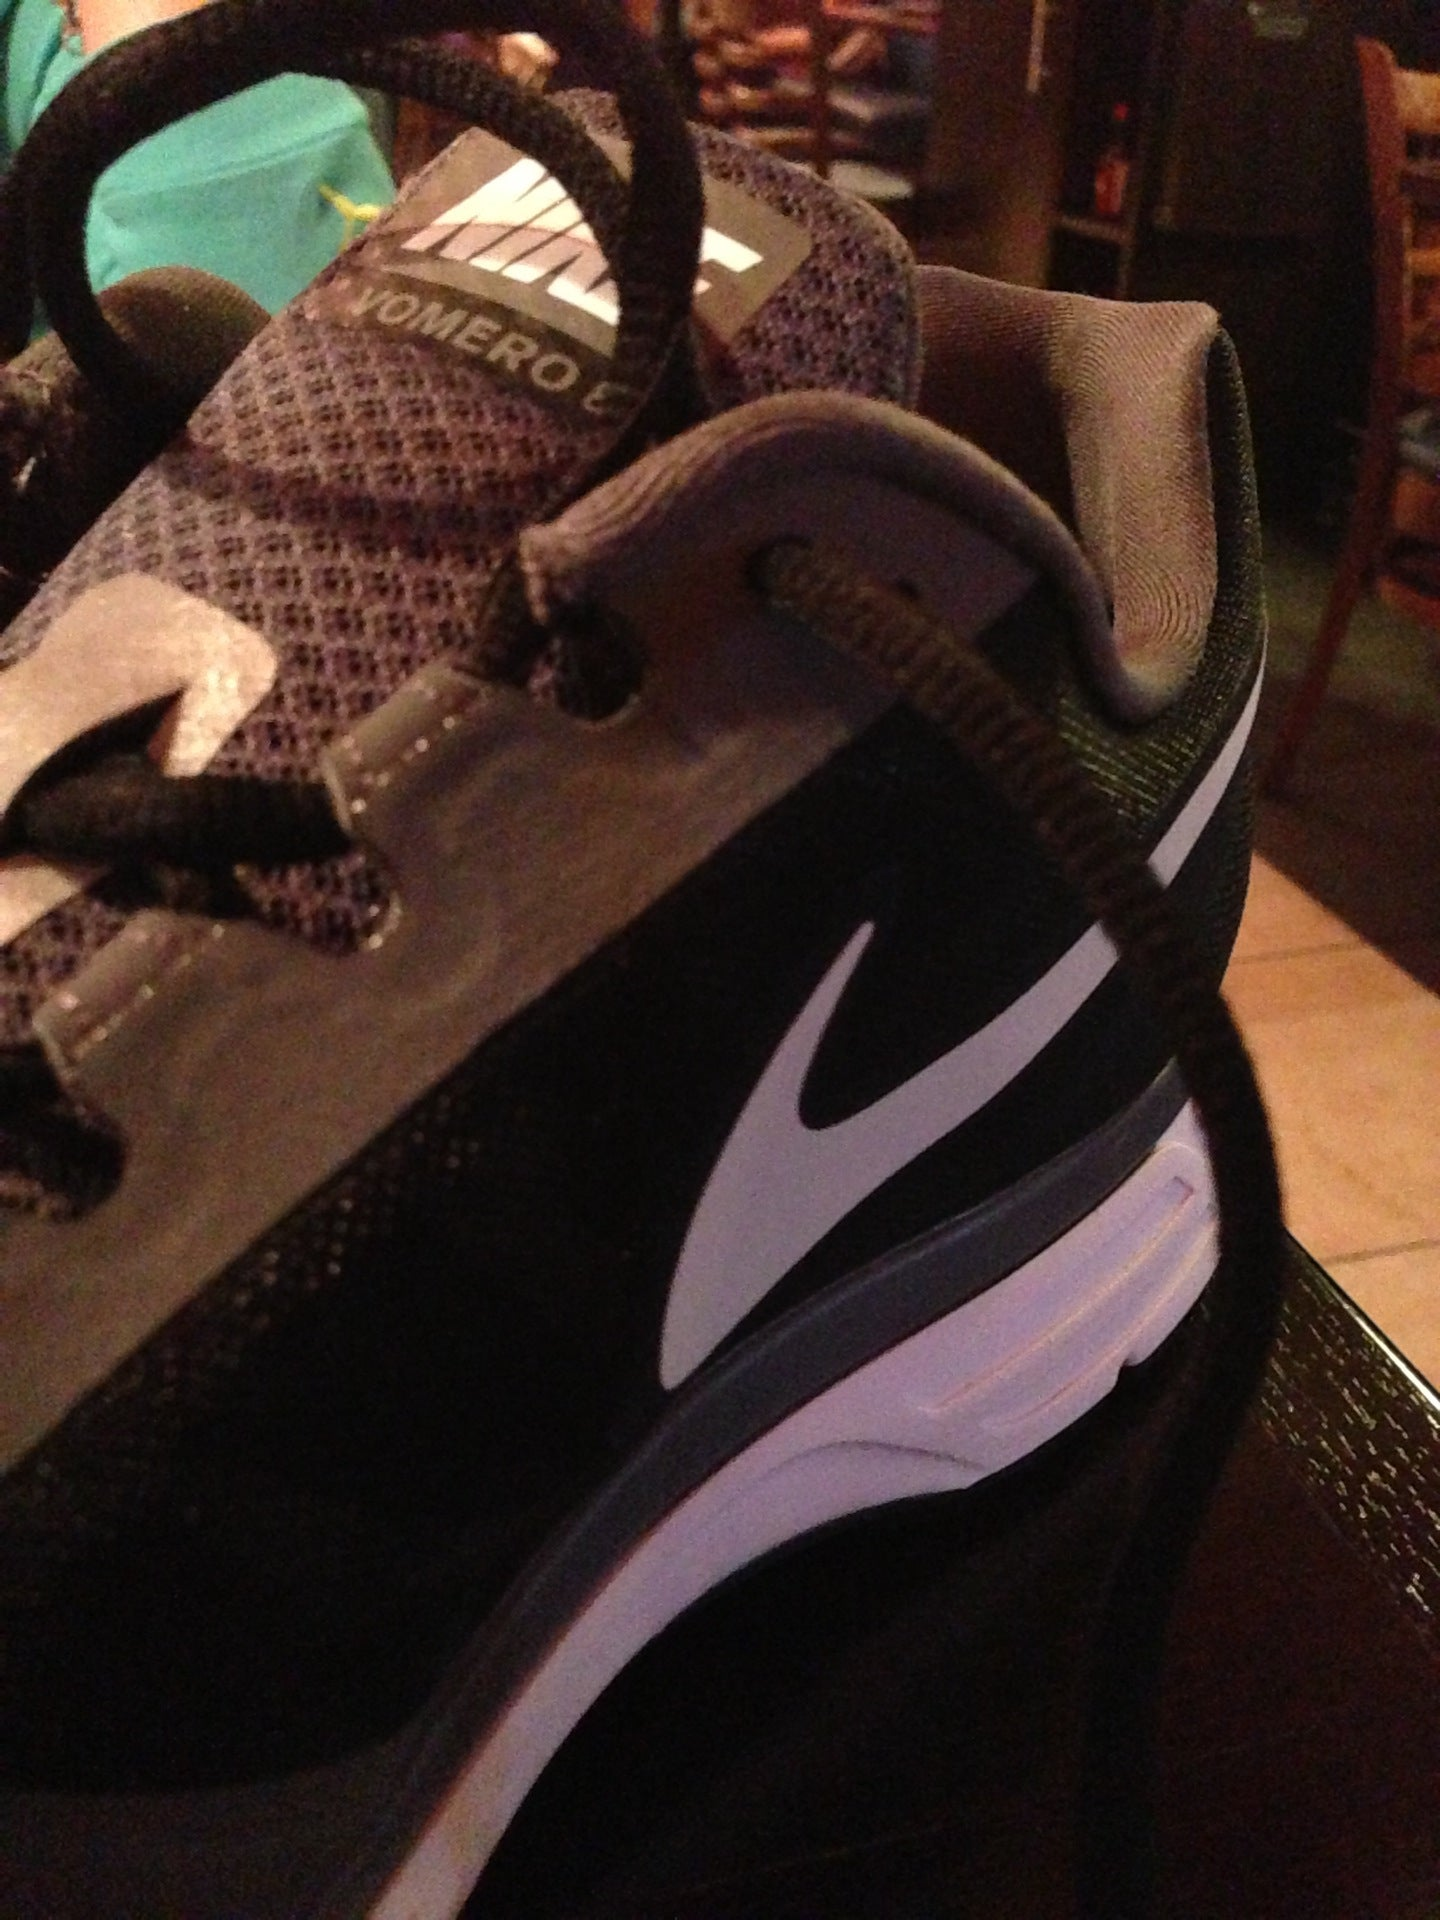 ee319271 Nike на Тульской на Тульской Б., отзывы о спортивных магазинах ...